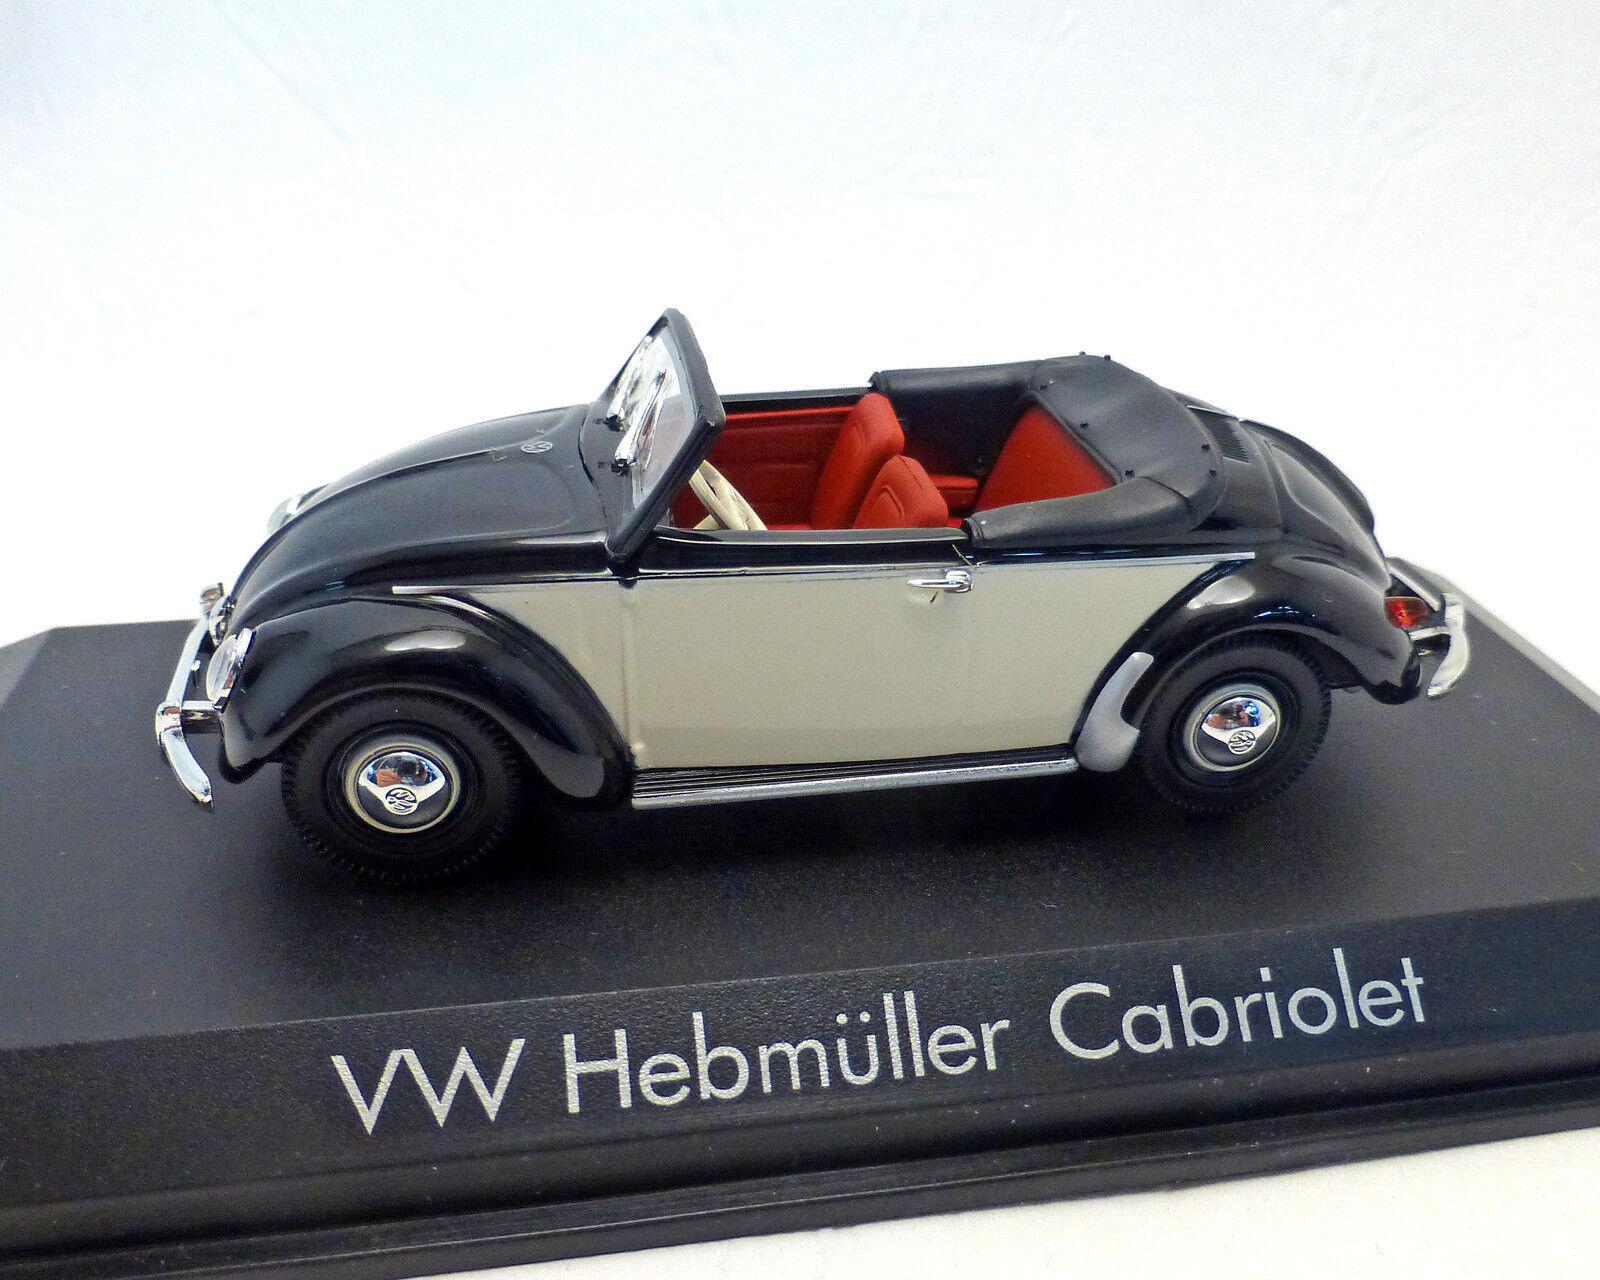 VW Beetle Cabriolet hebmüller, 1949, Norev 1 43